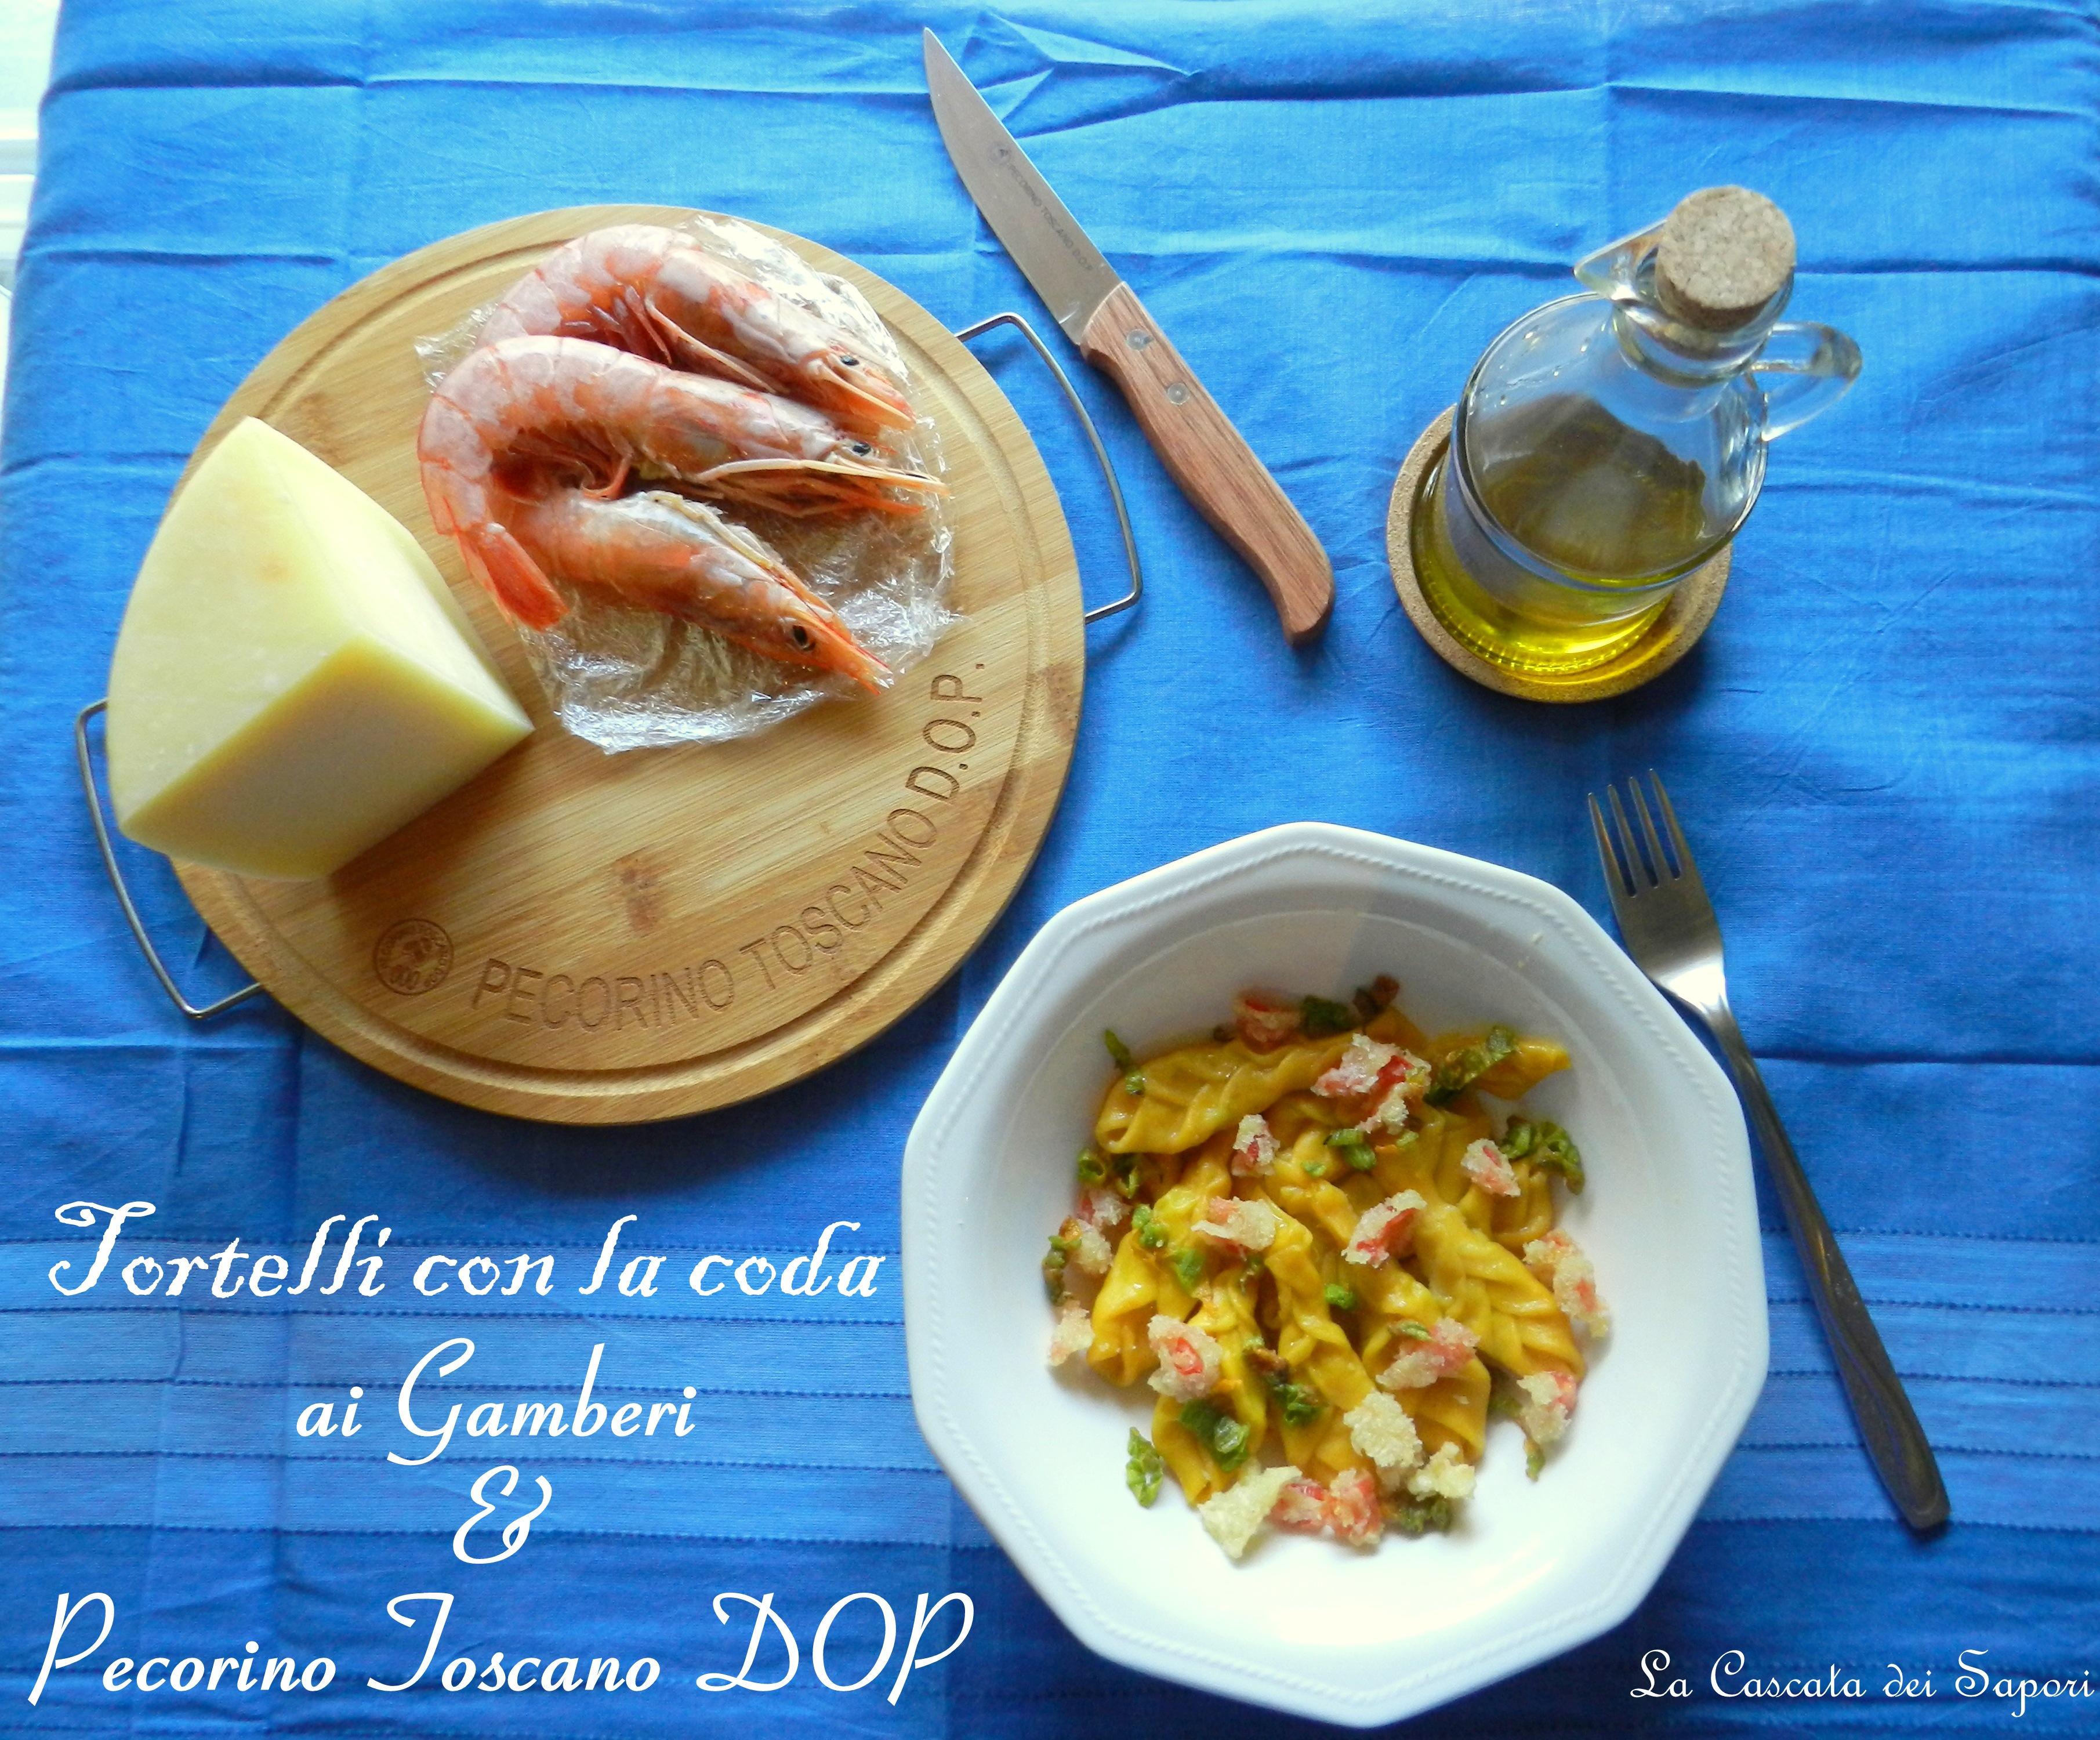 Tortelli con la coda ai Gamberi e Pecorino Toscano DOP